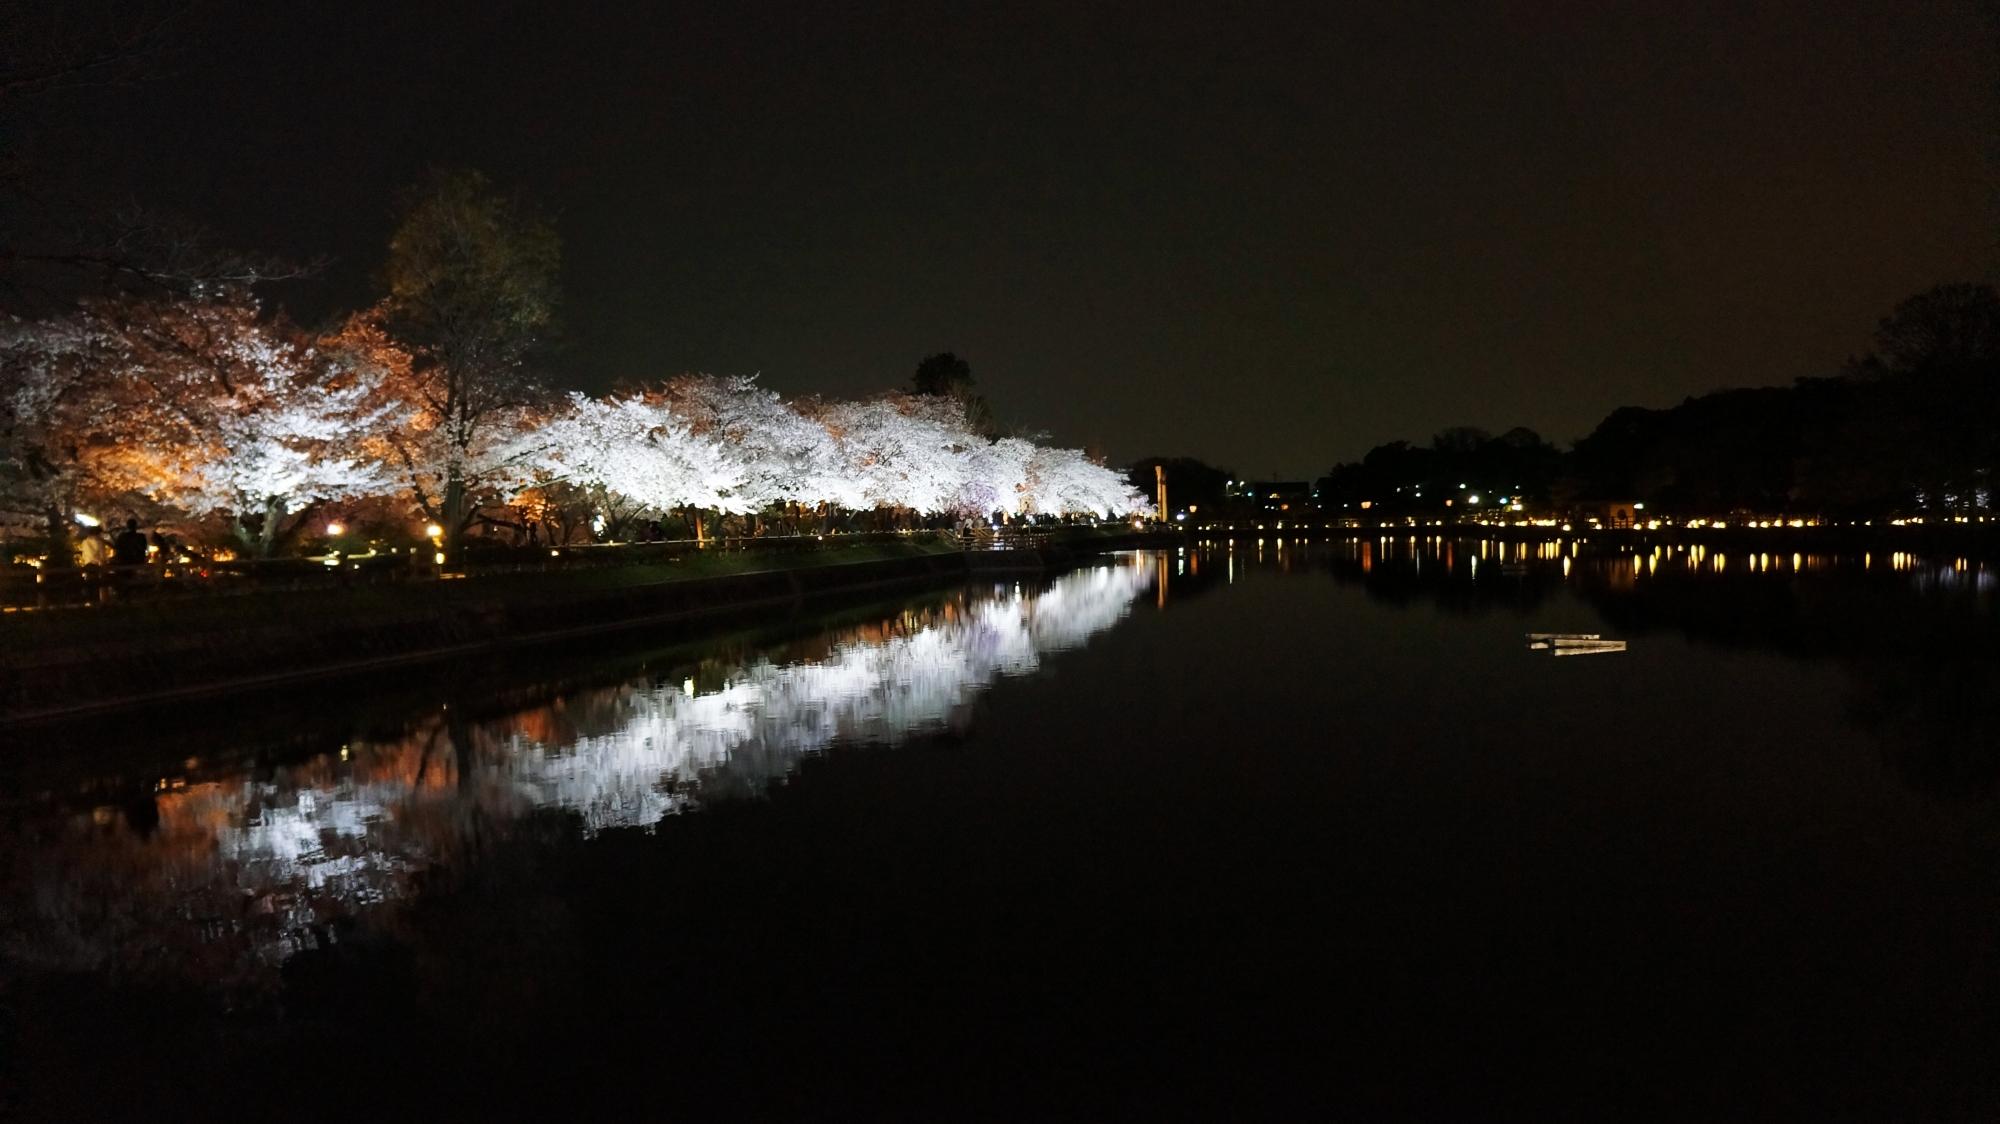 八条ヶ池の東側の畔の桜並木